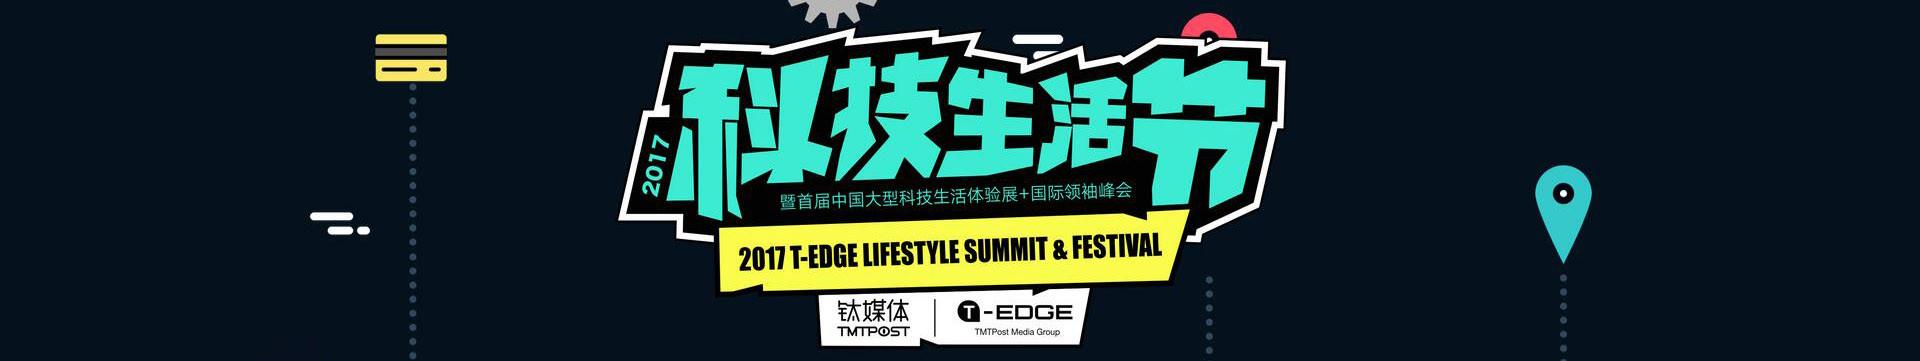 2017钛媒体T-EDGE科技生活节暨首届中国大型科技生活体验展+T-EDGE国际领袖峰会